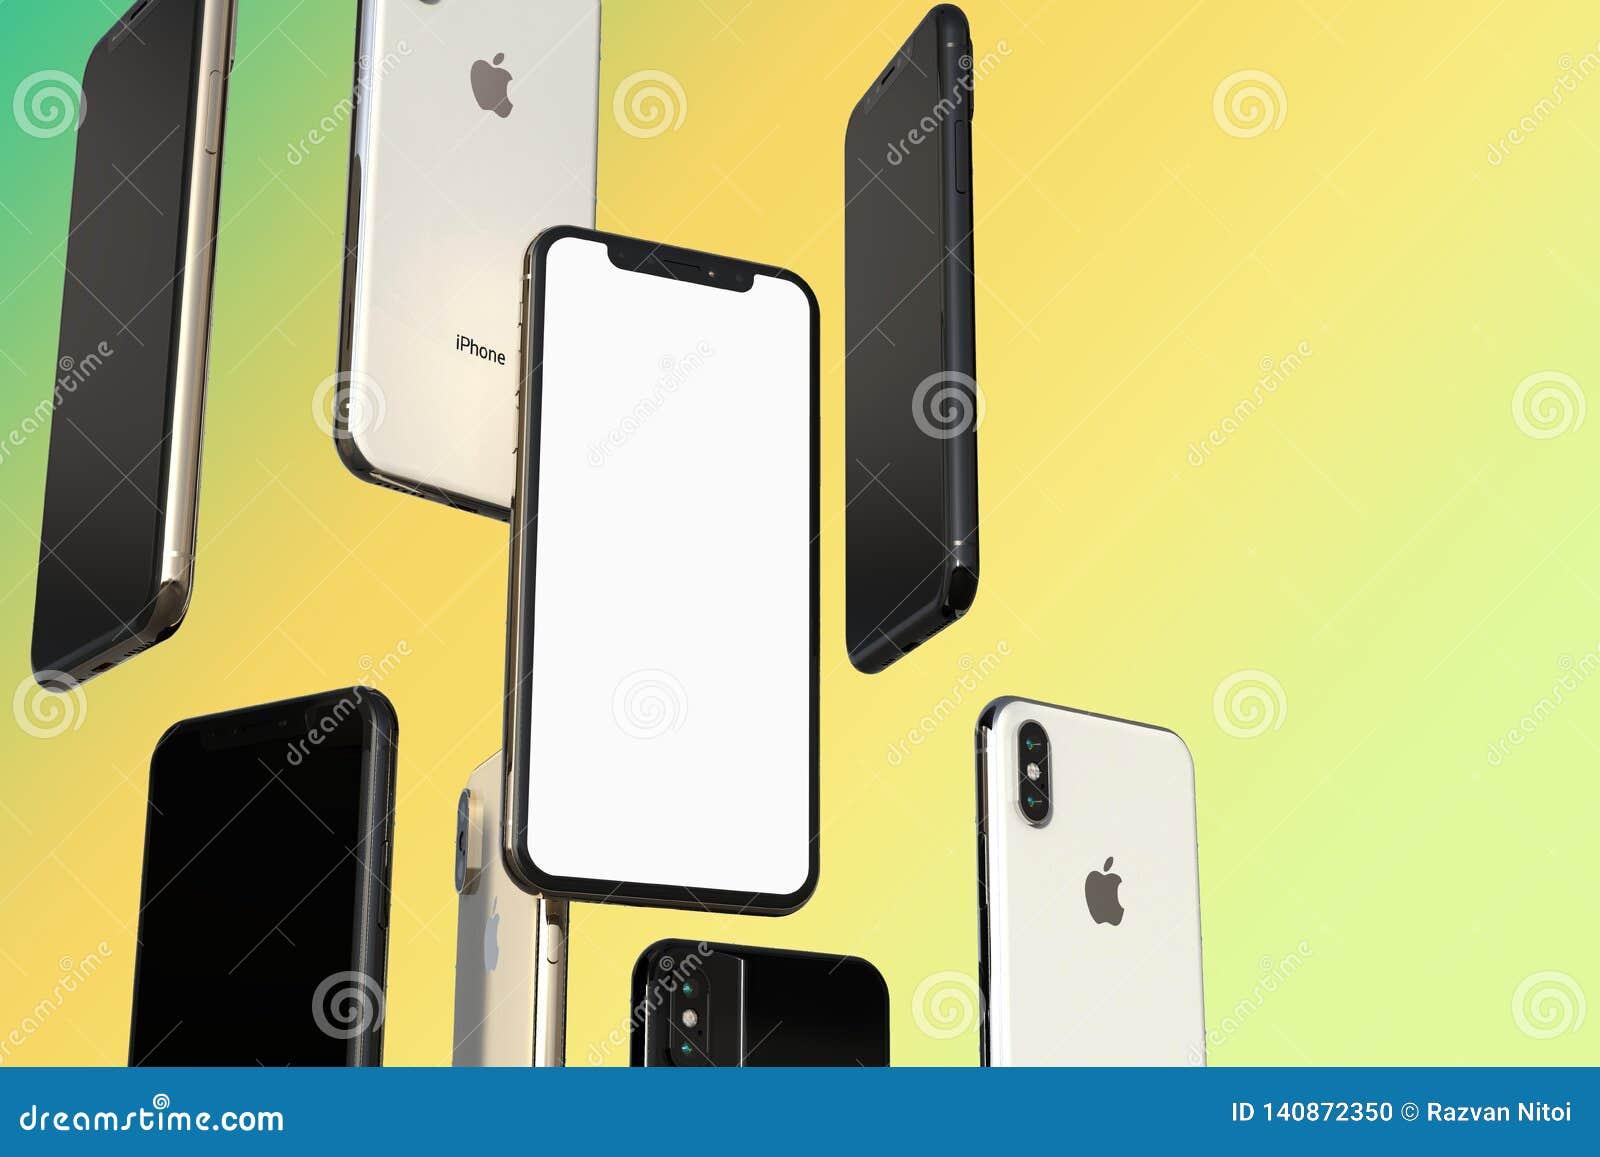 Smartphones grises del oro, de la plata y del espacio de IPhone XS, flotando en aire, pantalla blanca